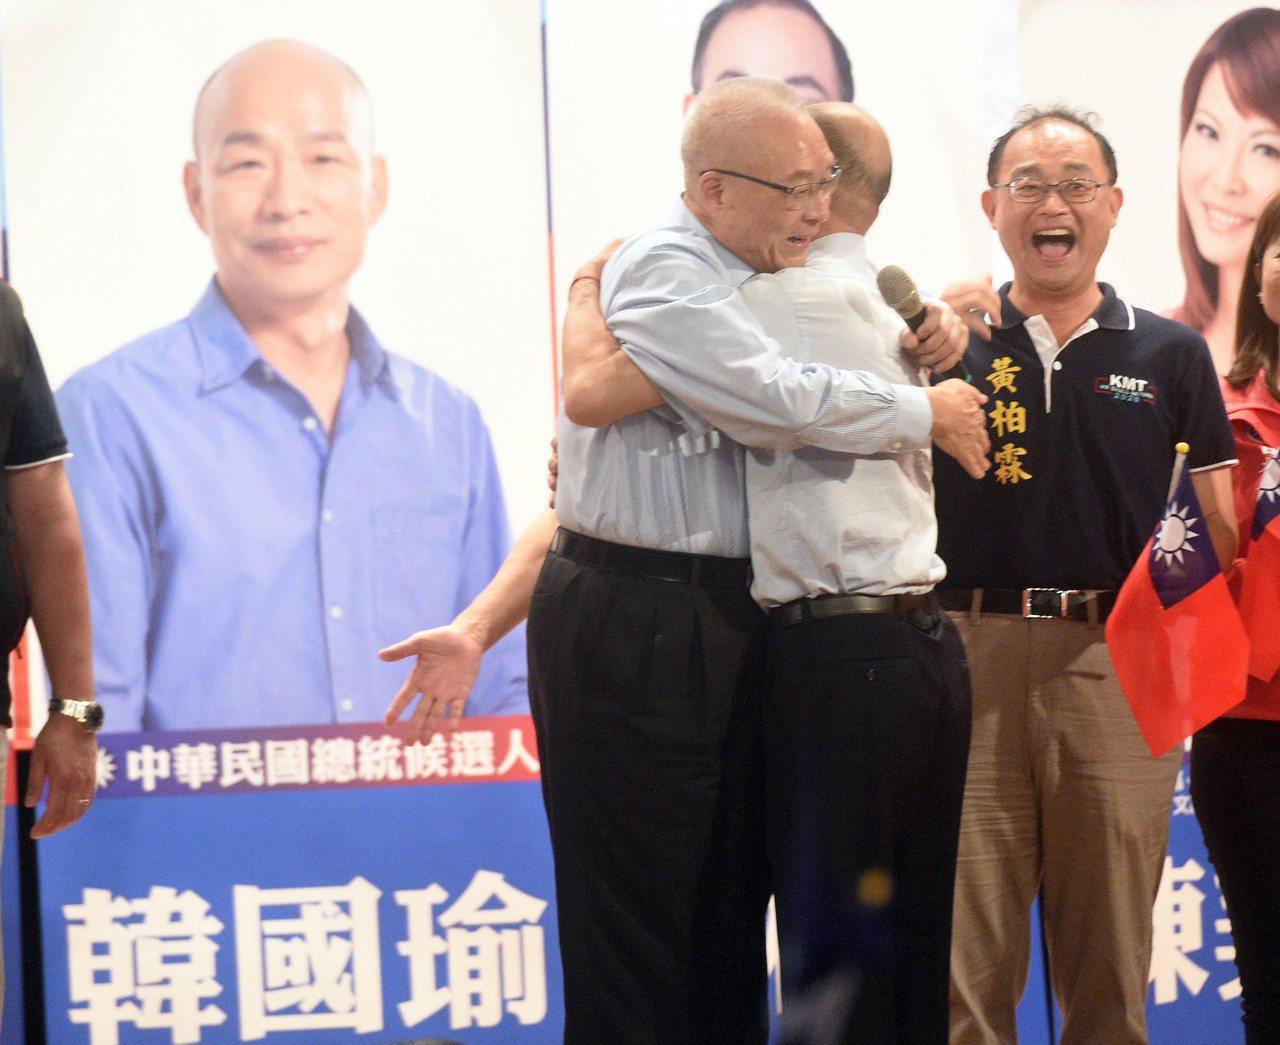 國民黨主席吳敦義(左)擁抱韓國瑜(右二),破除「換瑜」傳言。圖/聯合報系資料照片